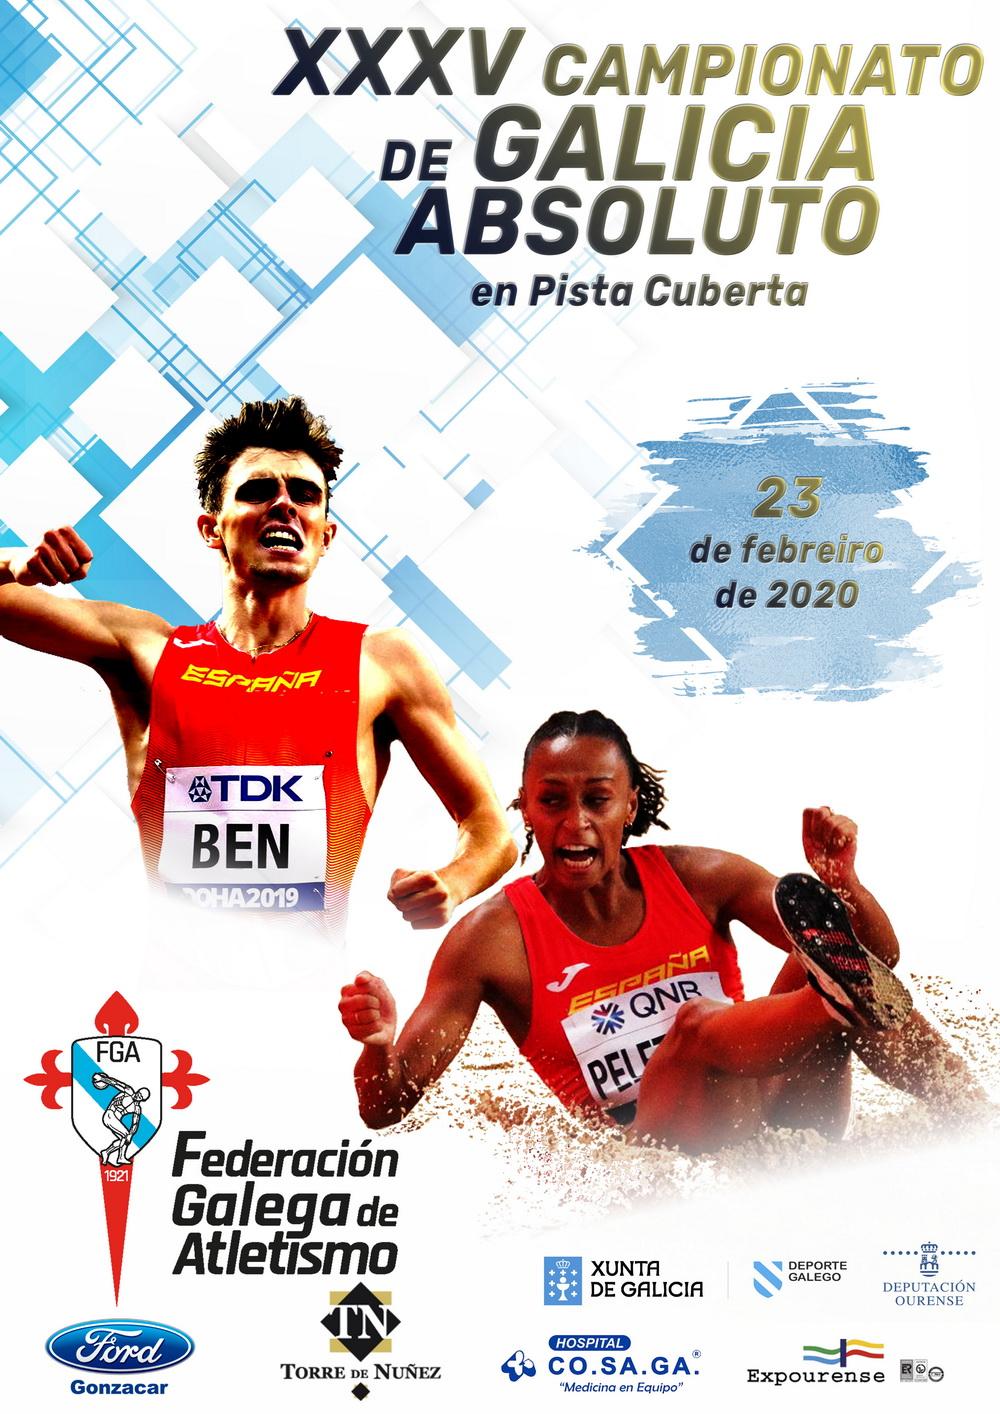 XXXV Campionato de Galicia Absoluto en Pista Cuberta @ Expourense | Ourense | Galicia | España